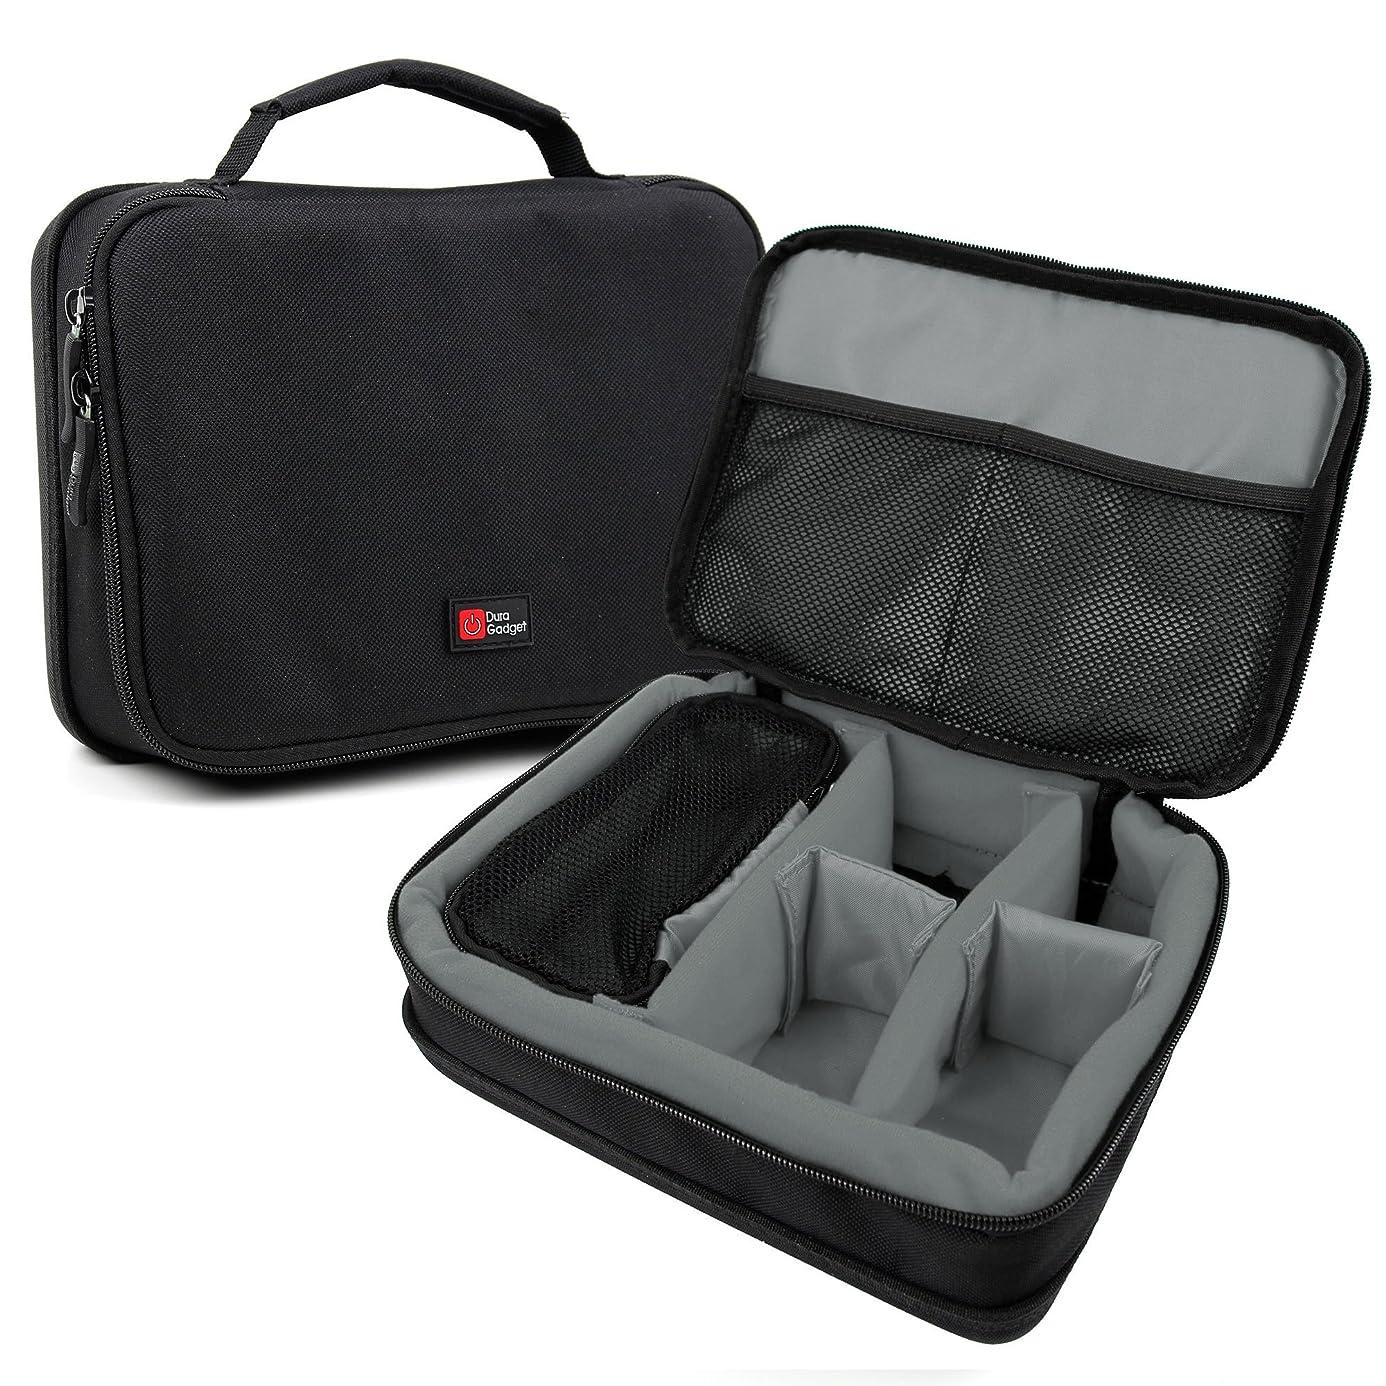 DURAGADGET Protective EVA Case (in Grey) - Compatible with The Zoom H1, Zoom H2N, Zoom H4n Pro, Zoom H5 & Zoom H6 Voice Recorders esm1914621